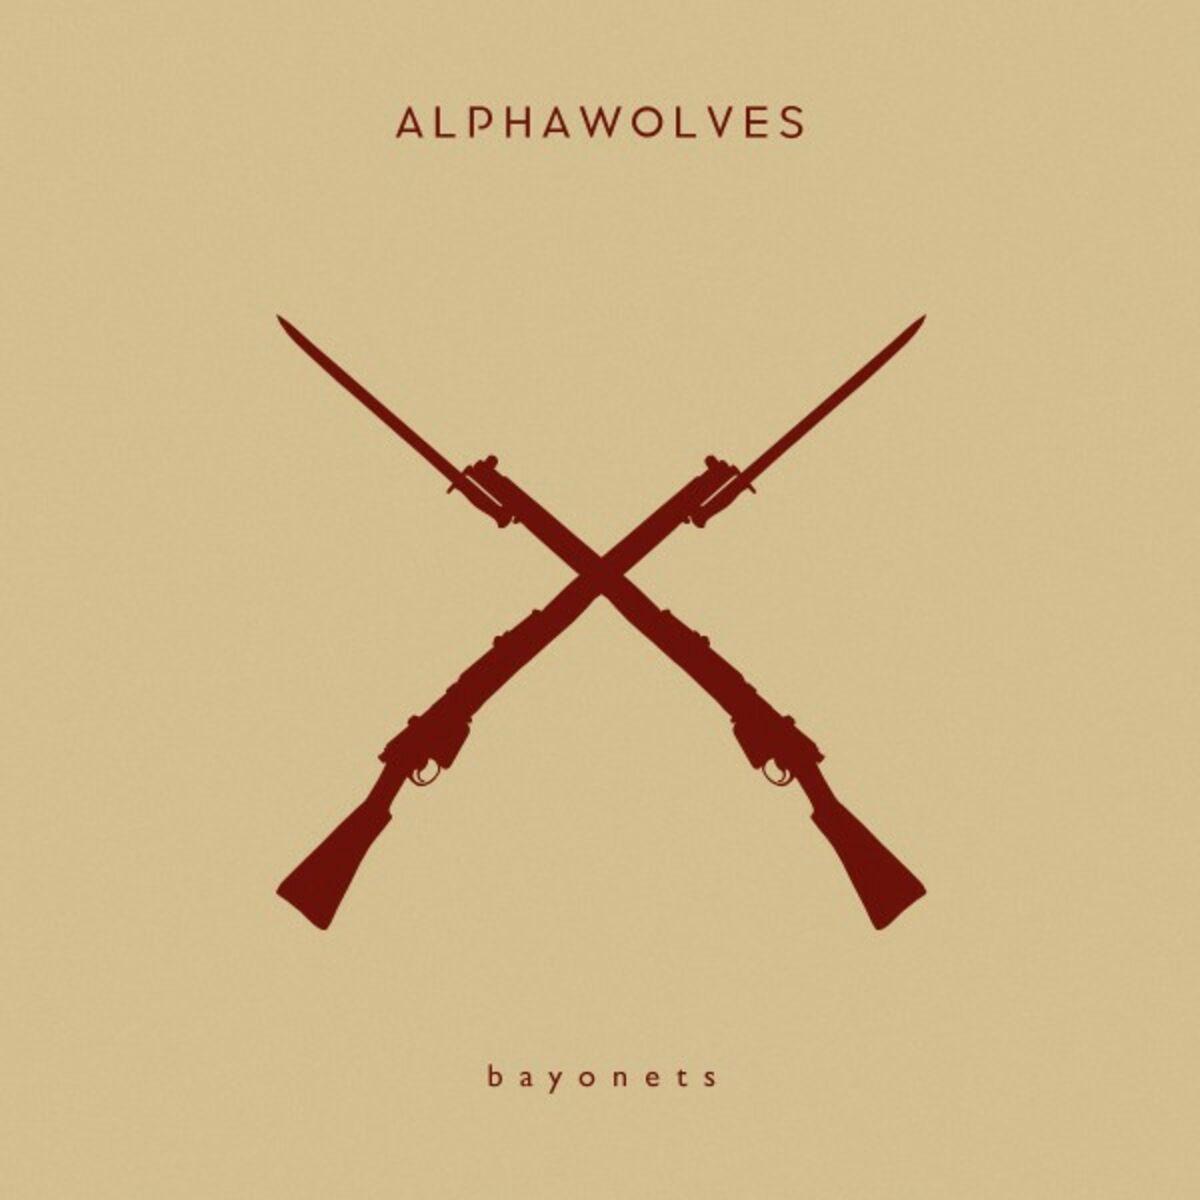 AlphaWolves - Bayonets [single] (2017)